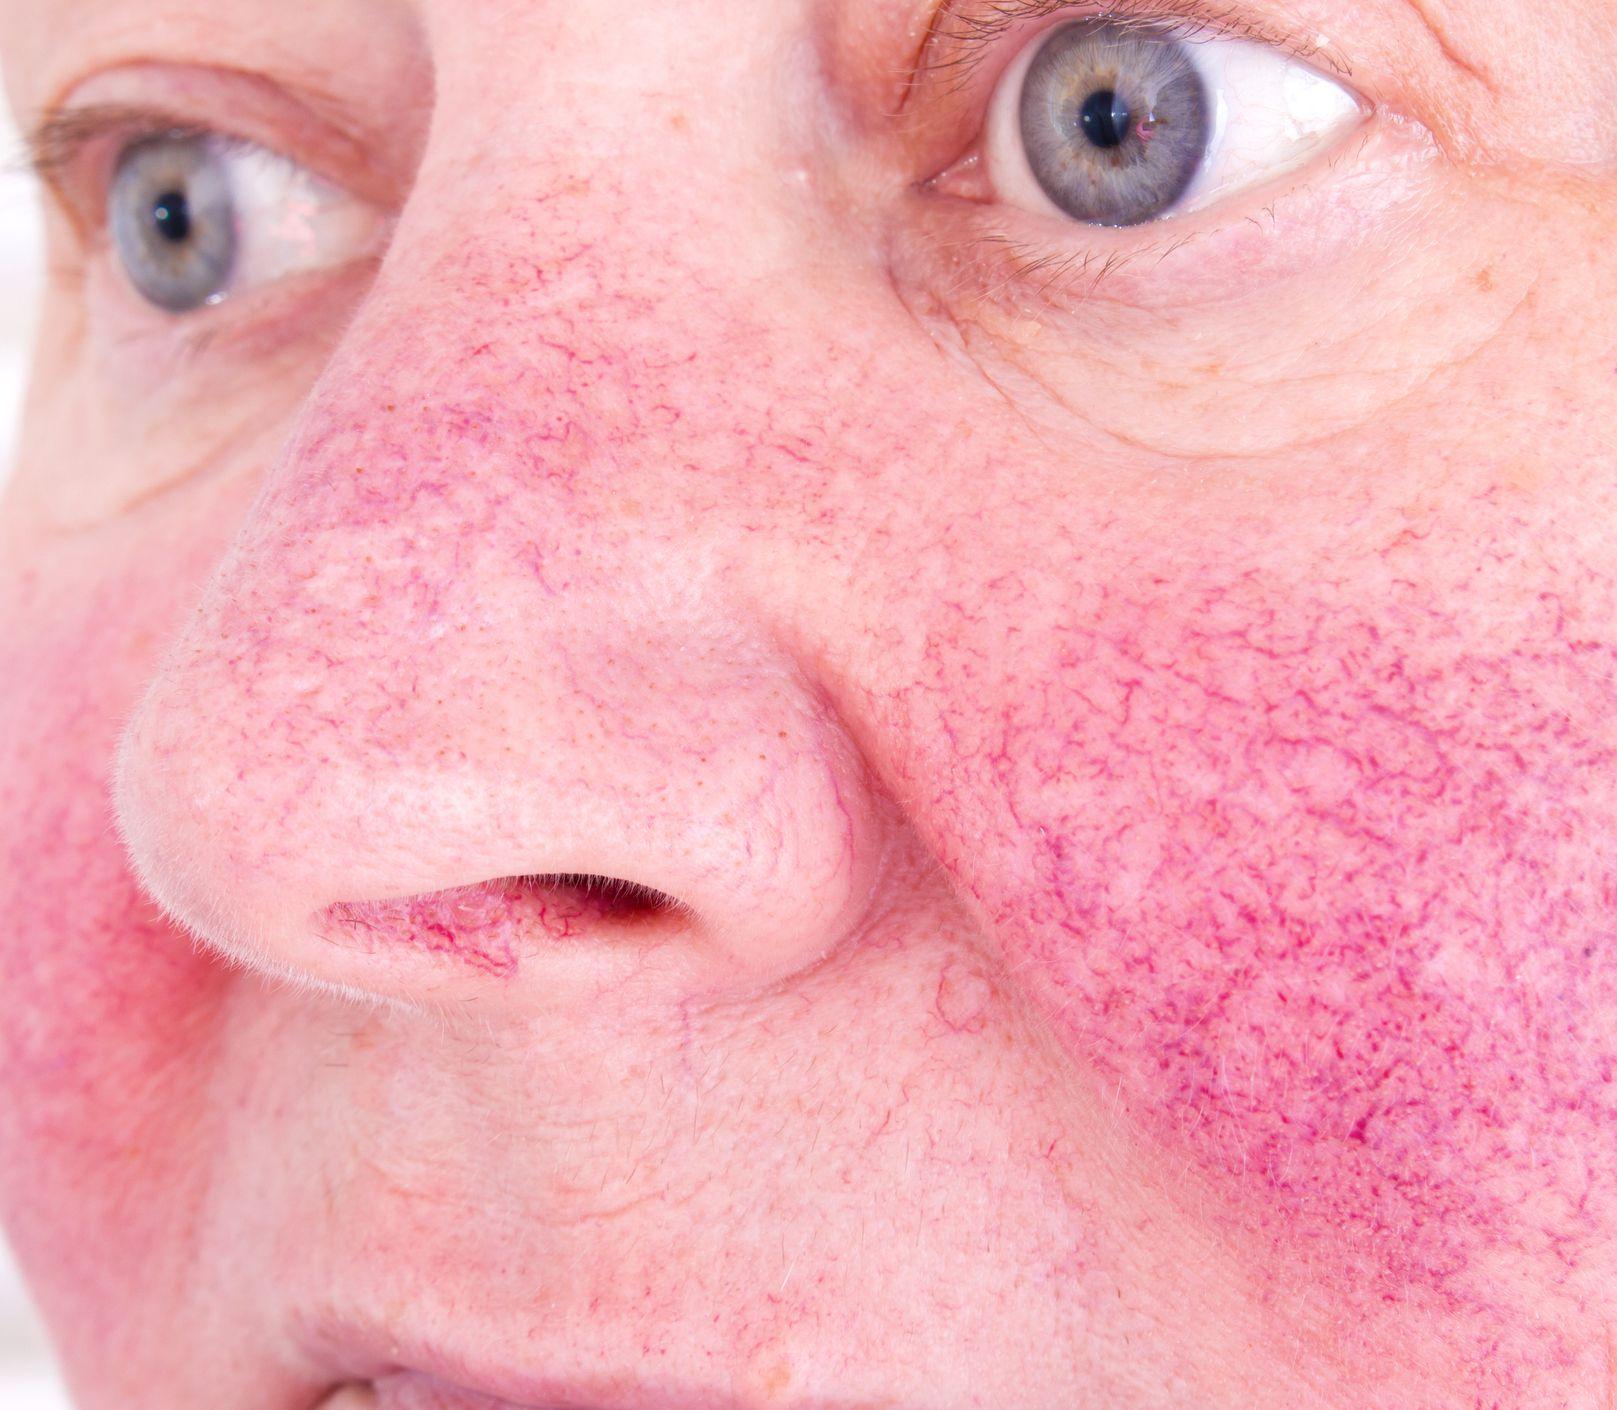 Postihuje jednu z desiatich: Začervenanie nie je chorobou, uberá na sebavedomí